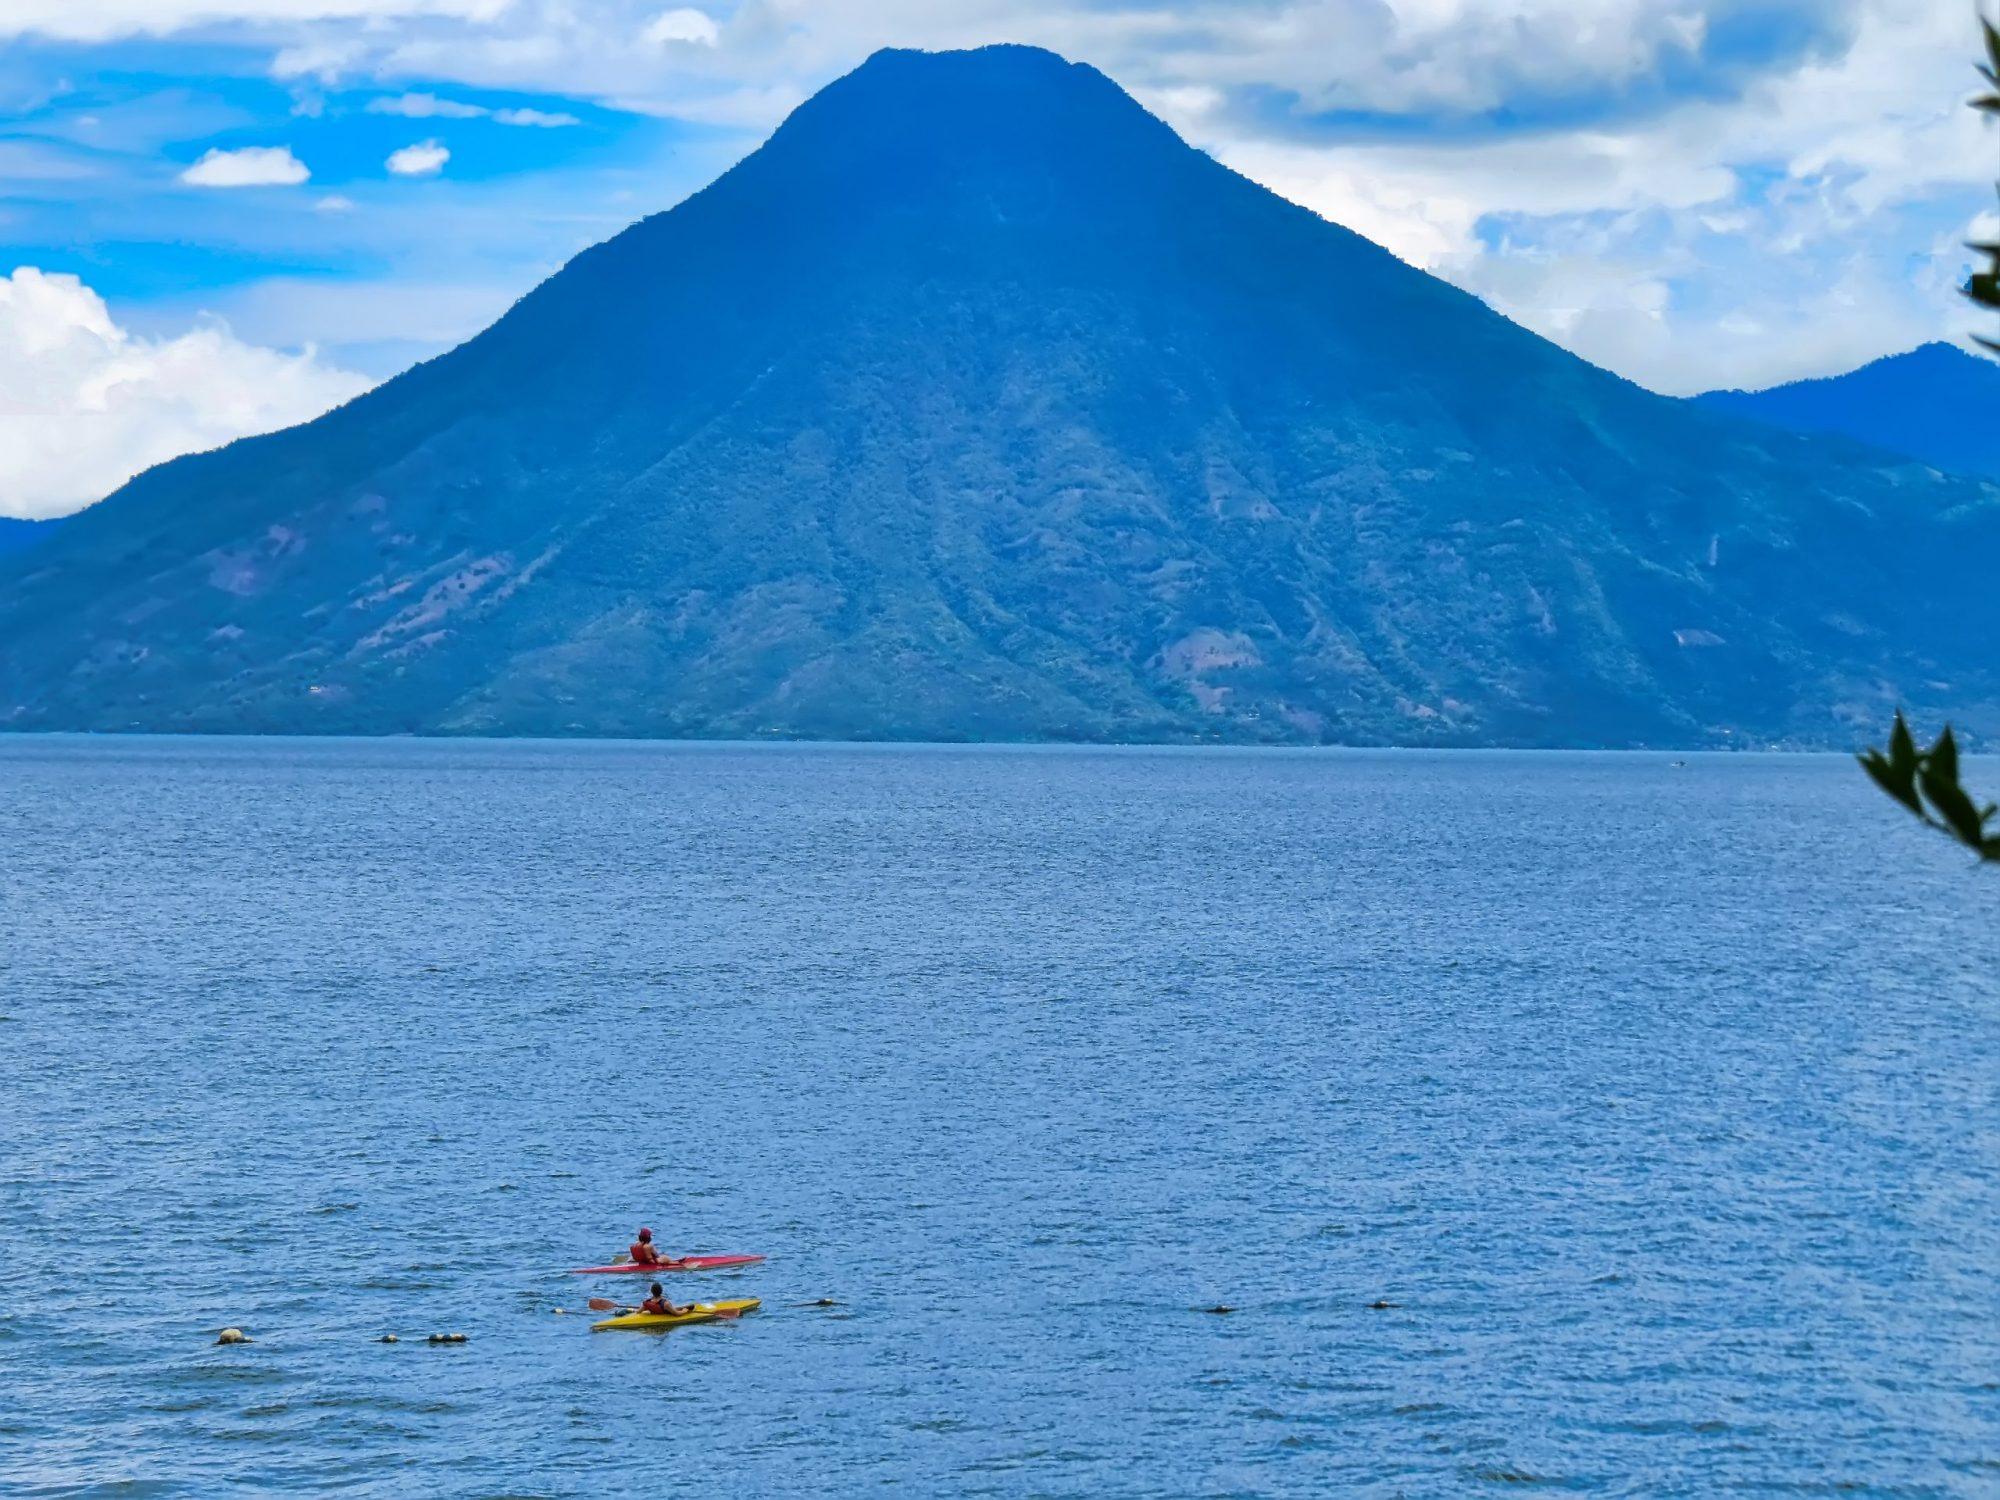 Guatemala - Atitlan kayak